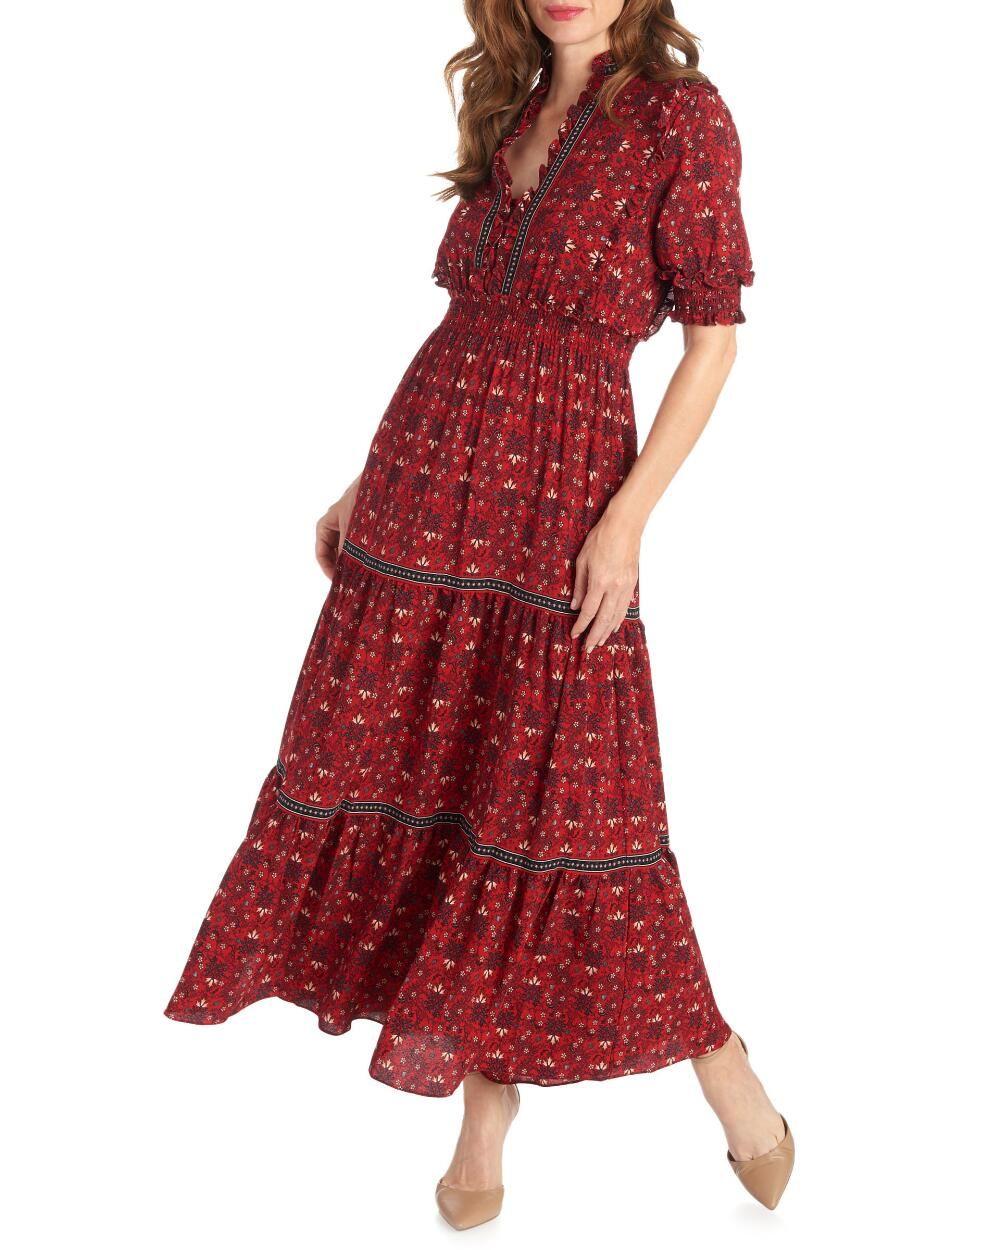 Max Studio Tiered Floral Crepe Maxi Dress S Polyester Maxi Dress Occasion Maxi Dresses Dresses [ 1250 x 1000 Pixel ]